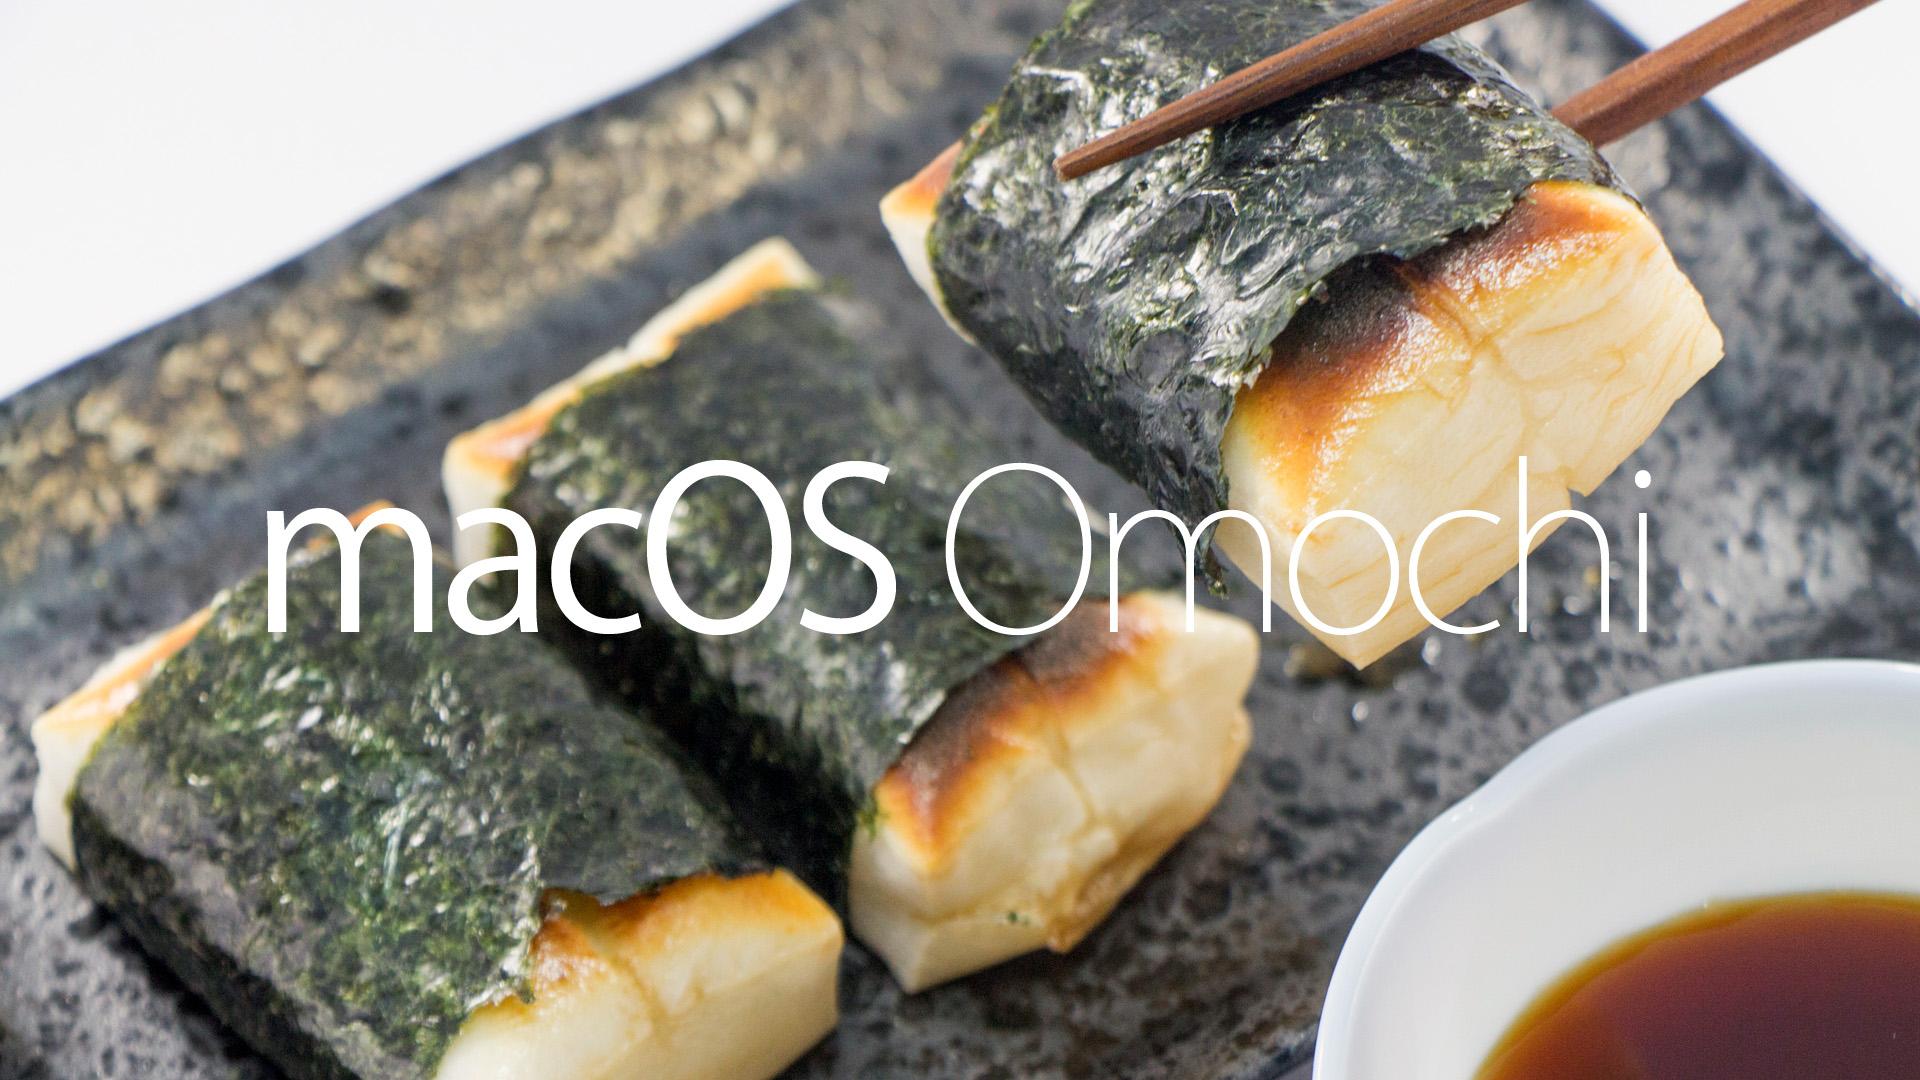 Mac OS Omochi